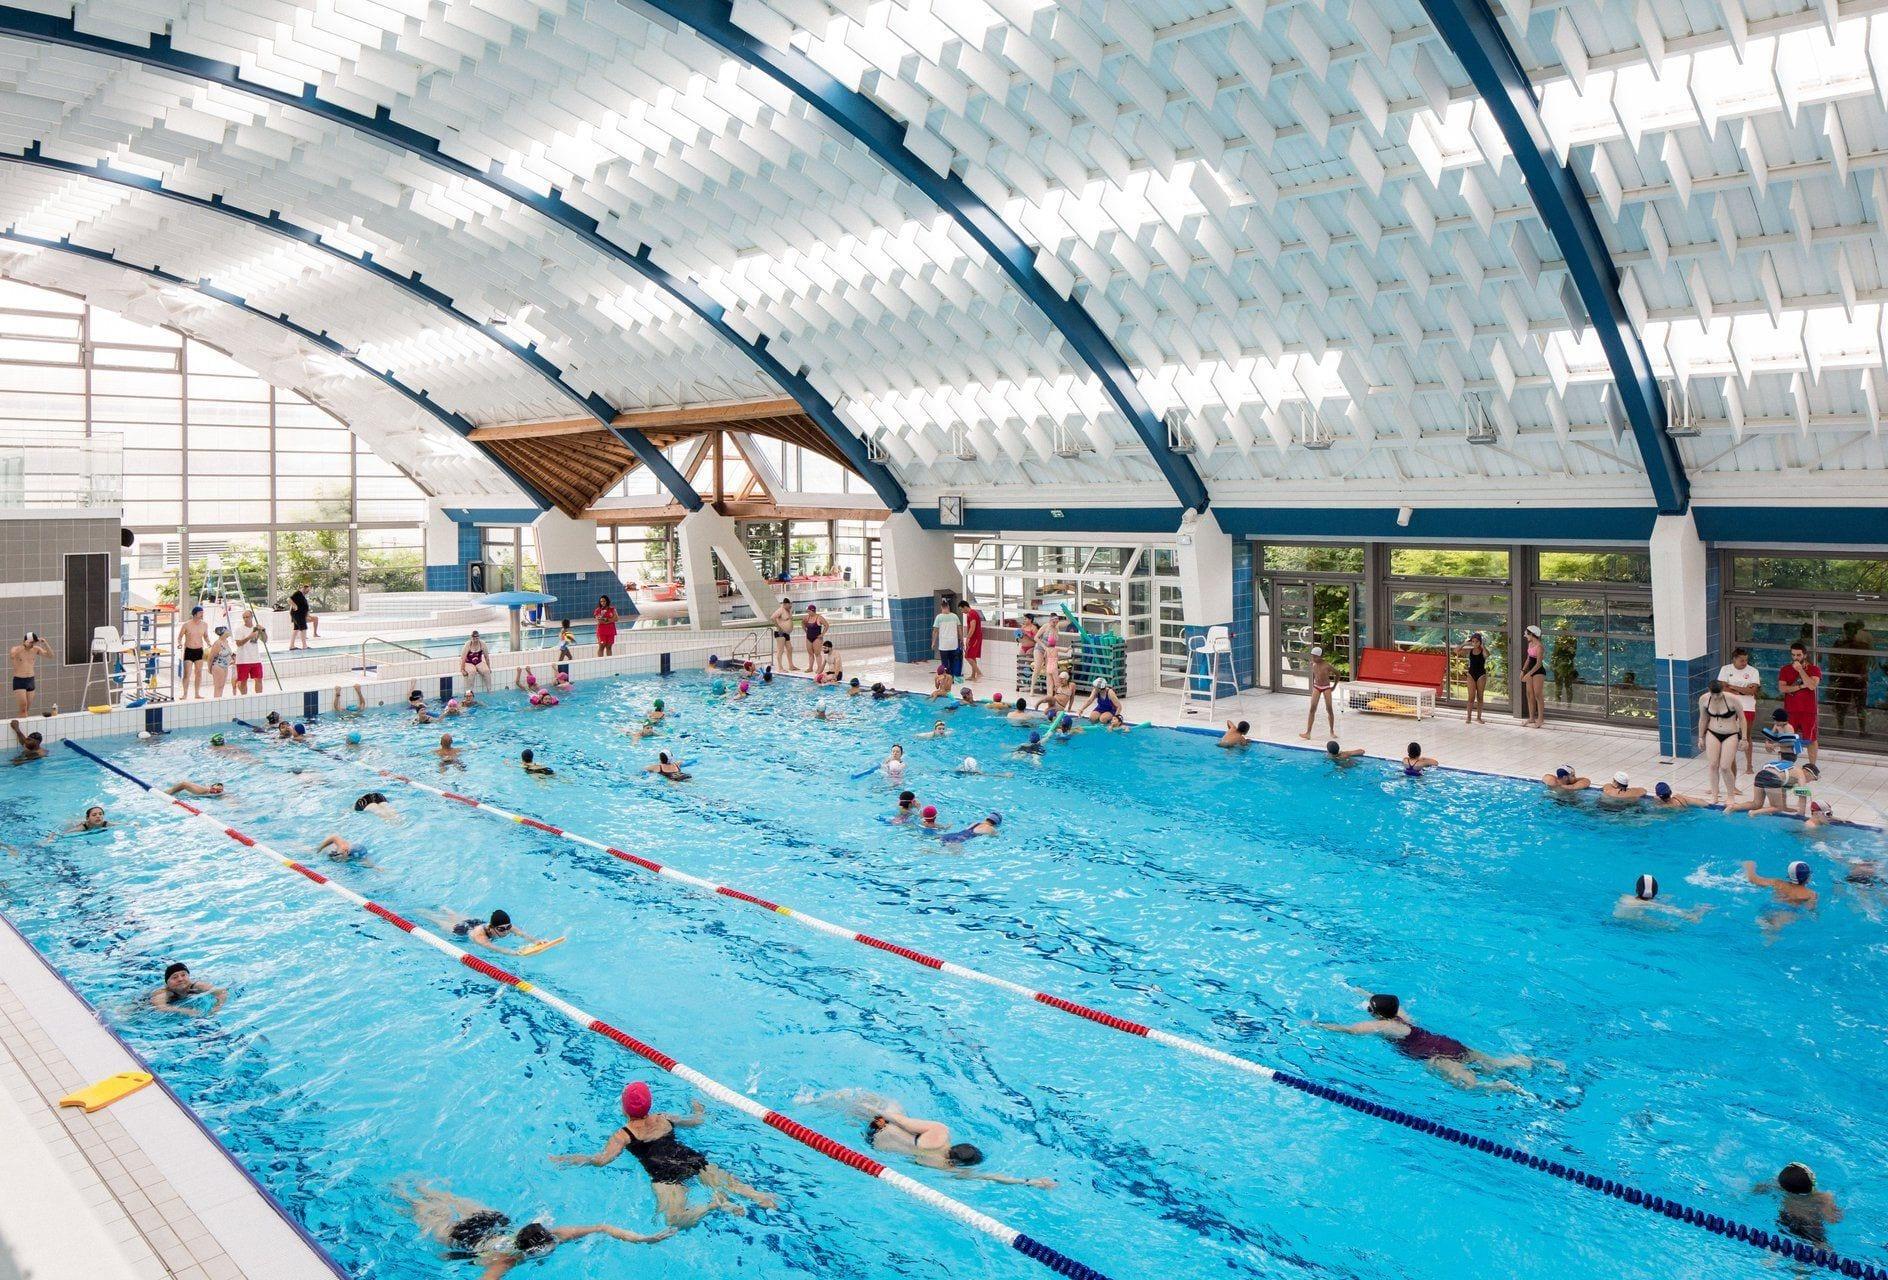 Le Centre Aquatique - Maisons-Alfort tout Horaires Piscine Puteaux